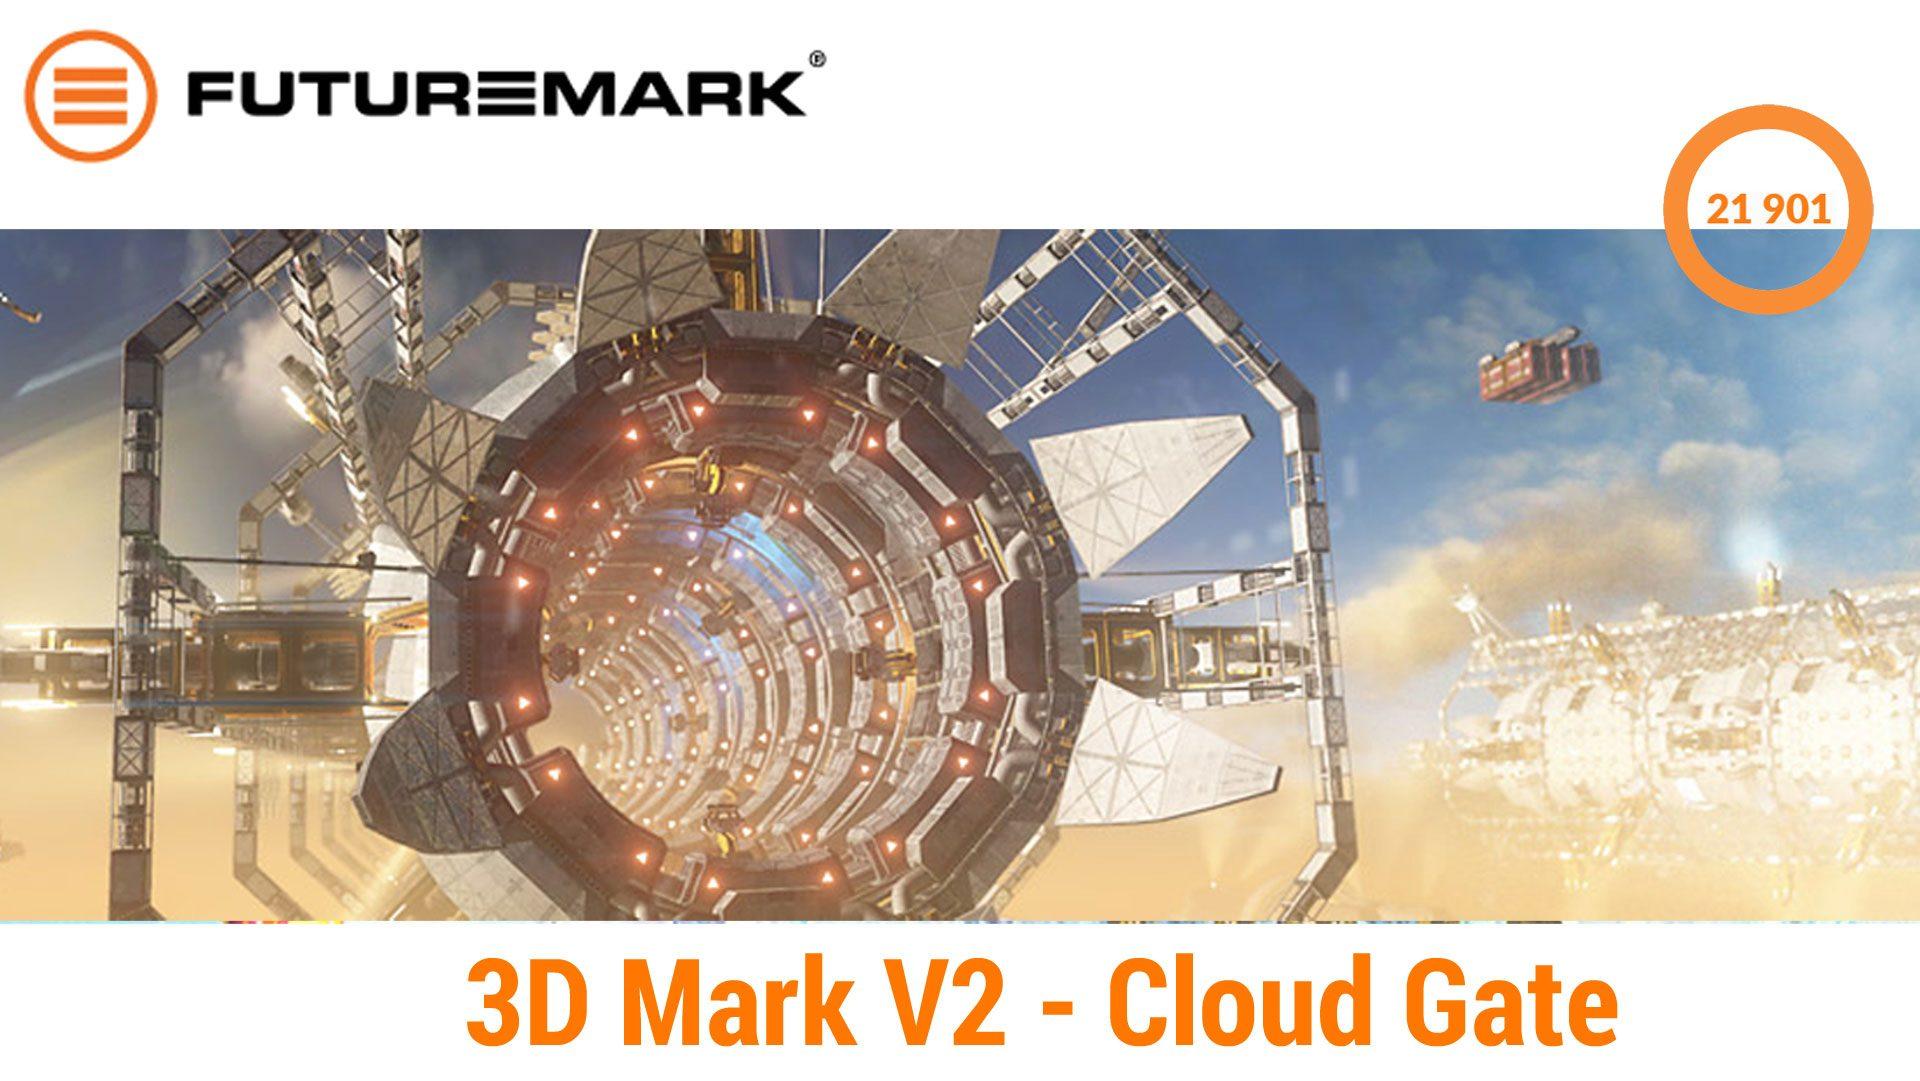 Schenker-XMG-A707-nyd_Grafik-2